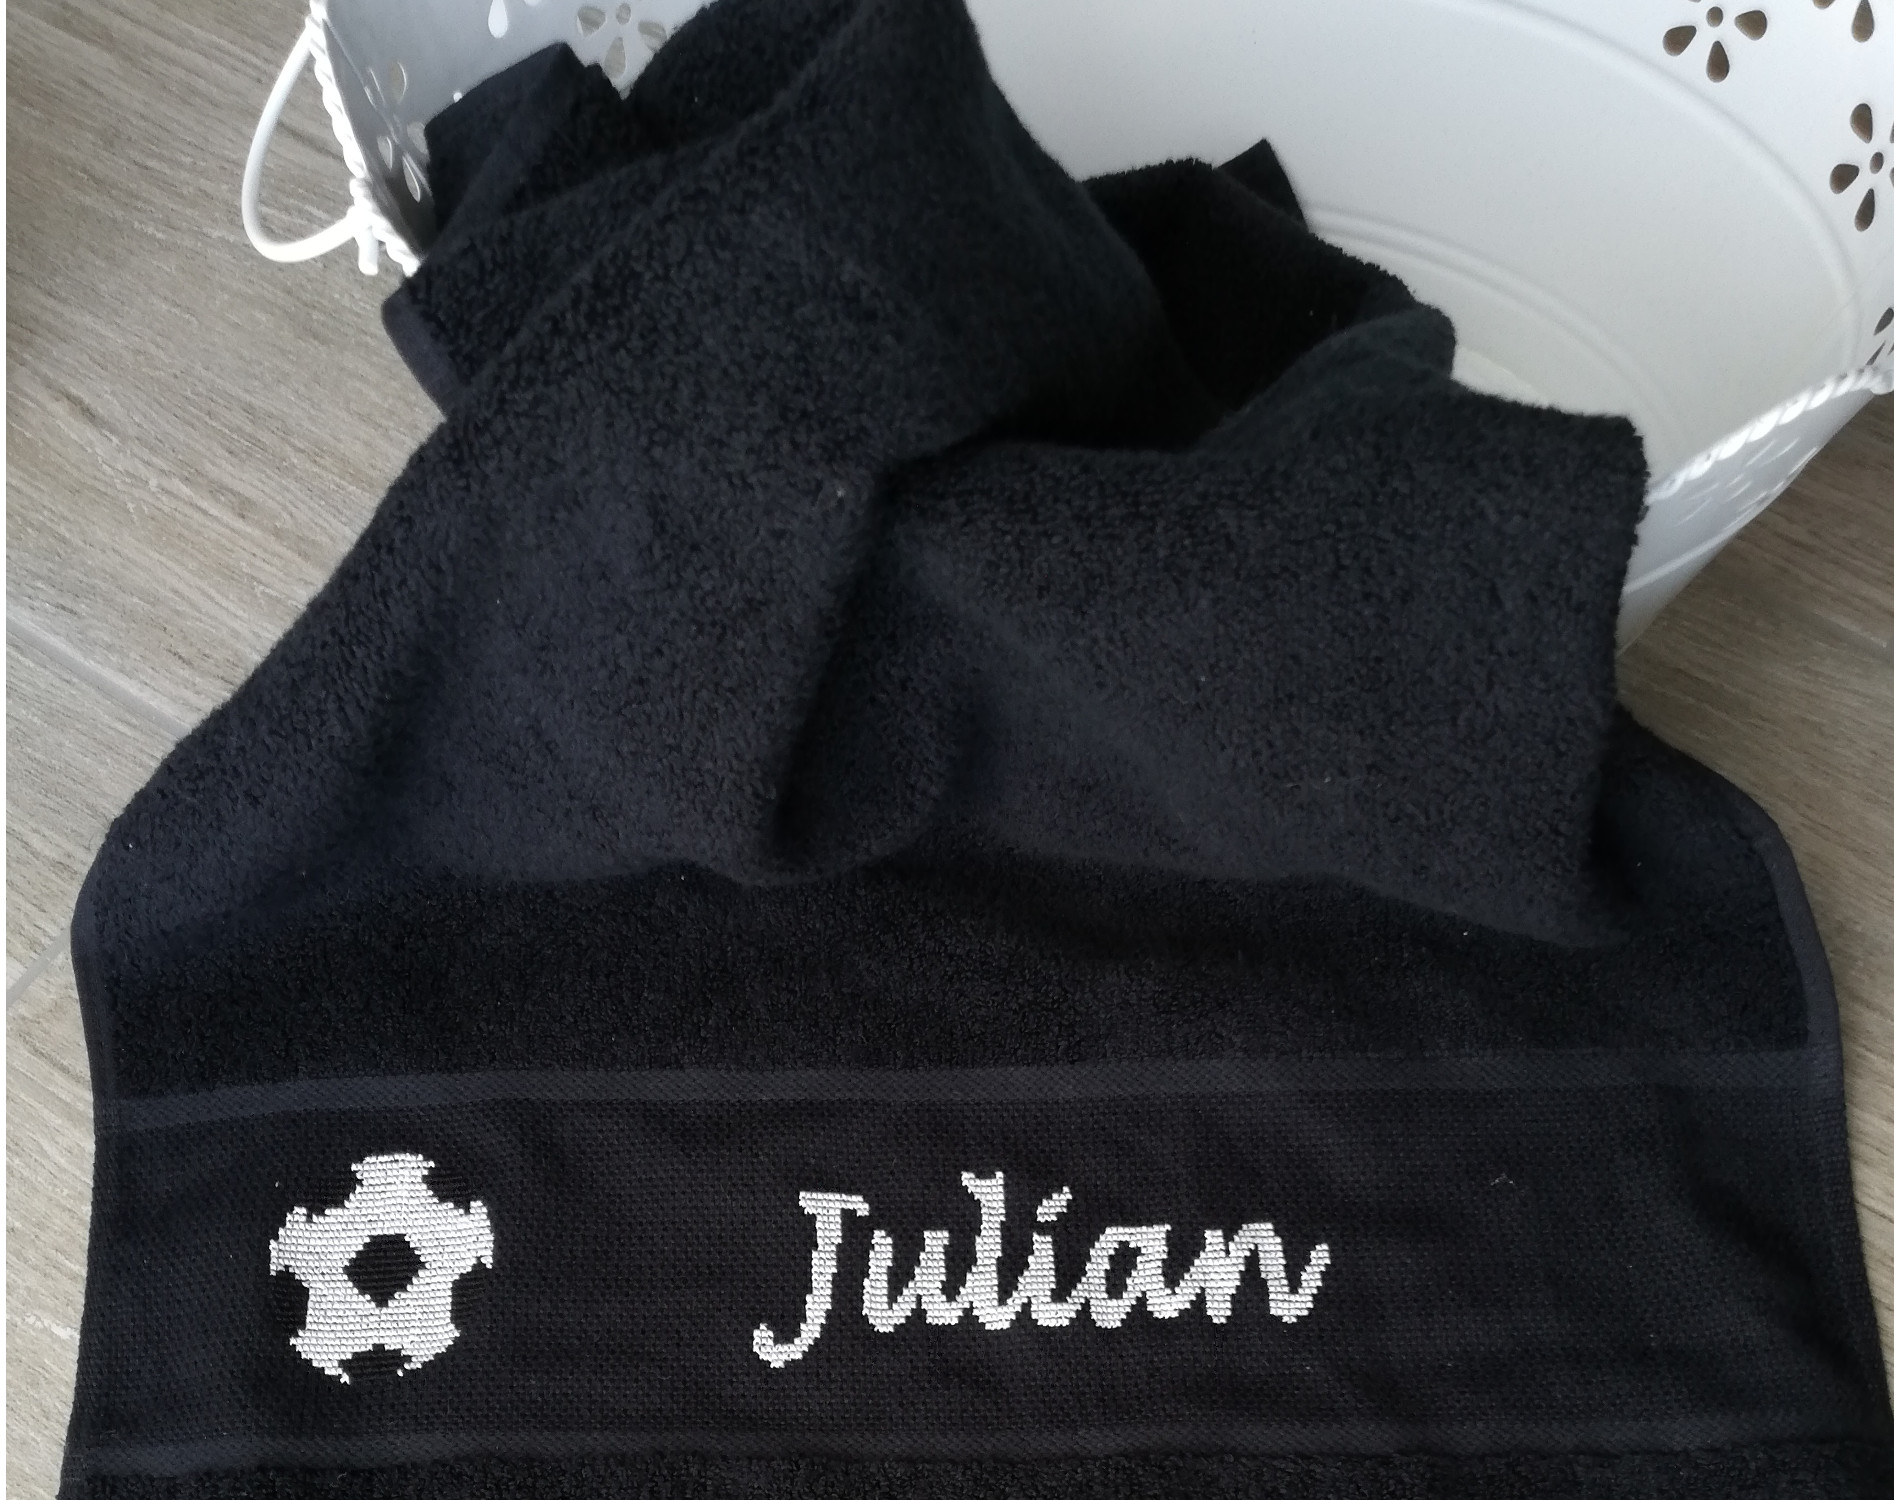 Handtuch Fußball personalisiert